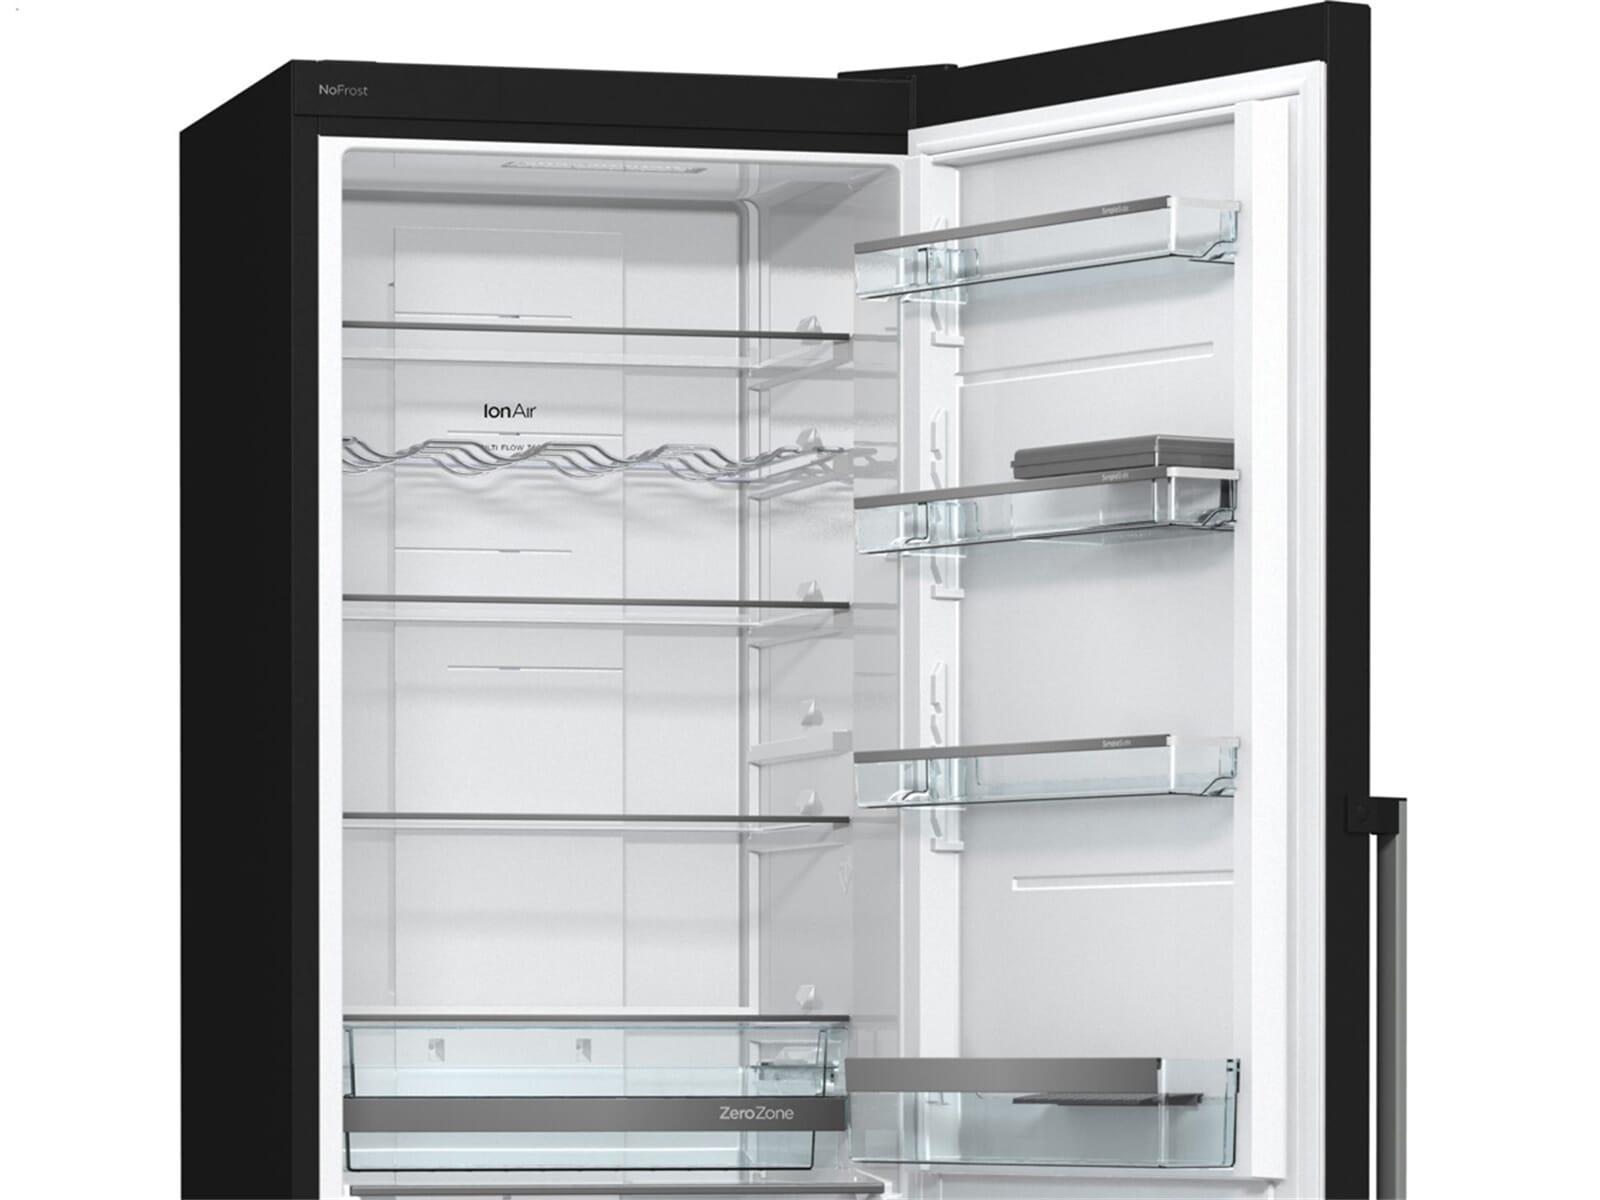 Gorenje Kühlschrank Verliert Wasser : Gorenje wasser im kühlschrank: genial ✓️kühlschrank rückwand